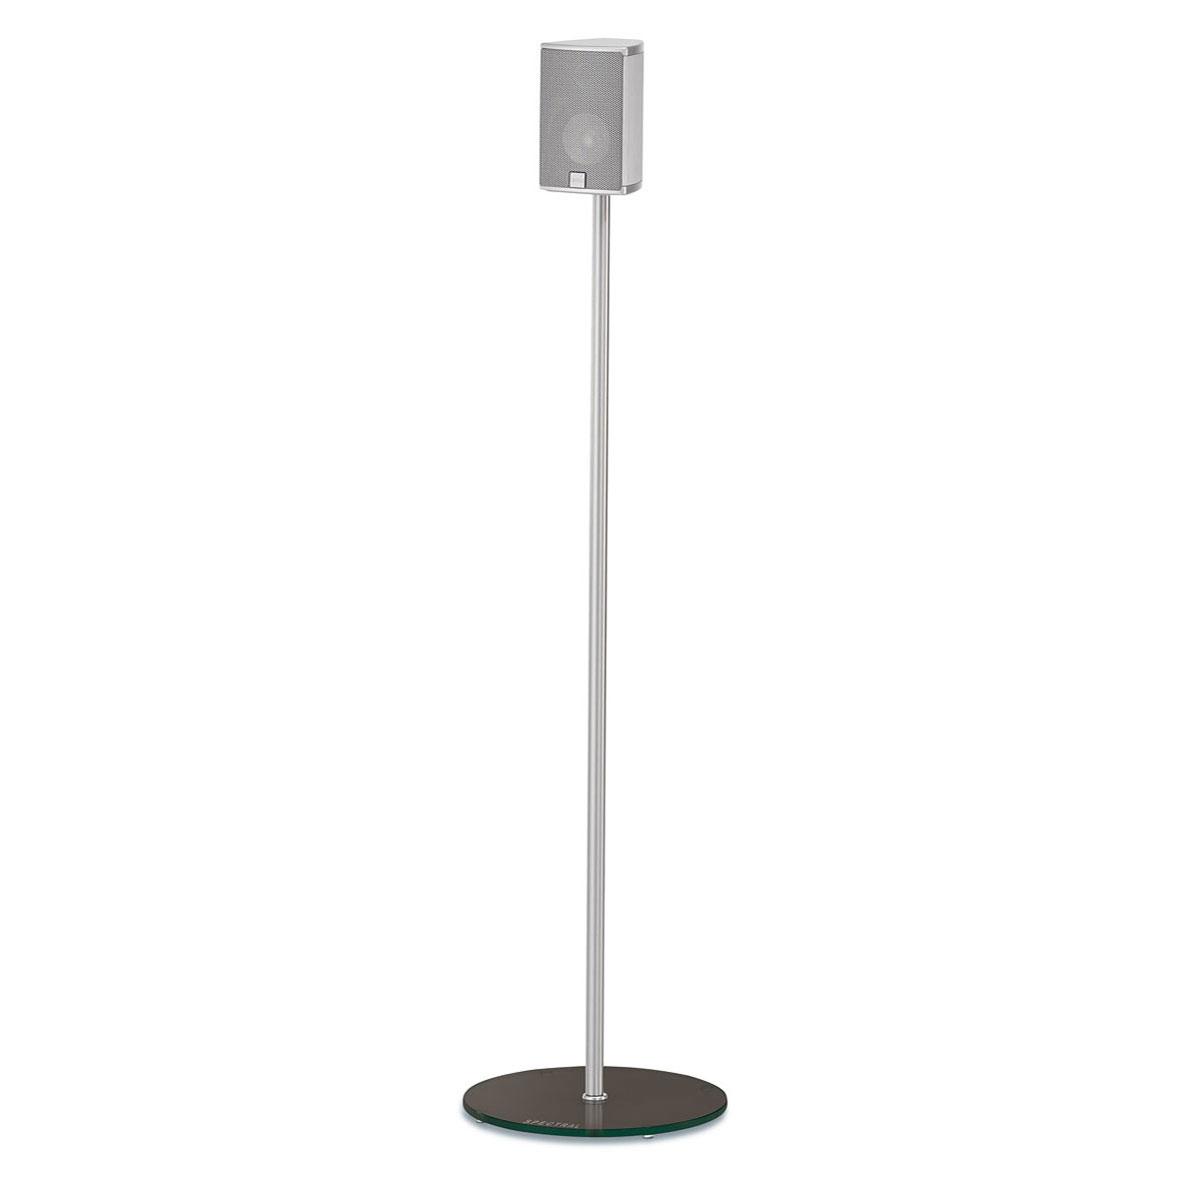 Befüllbarer Lautsprecherständer. Mit unsichtbarer Kabelführung mit einem Standfuß aus Glas von der Firma Spectral.